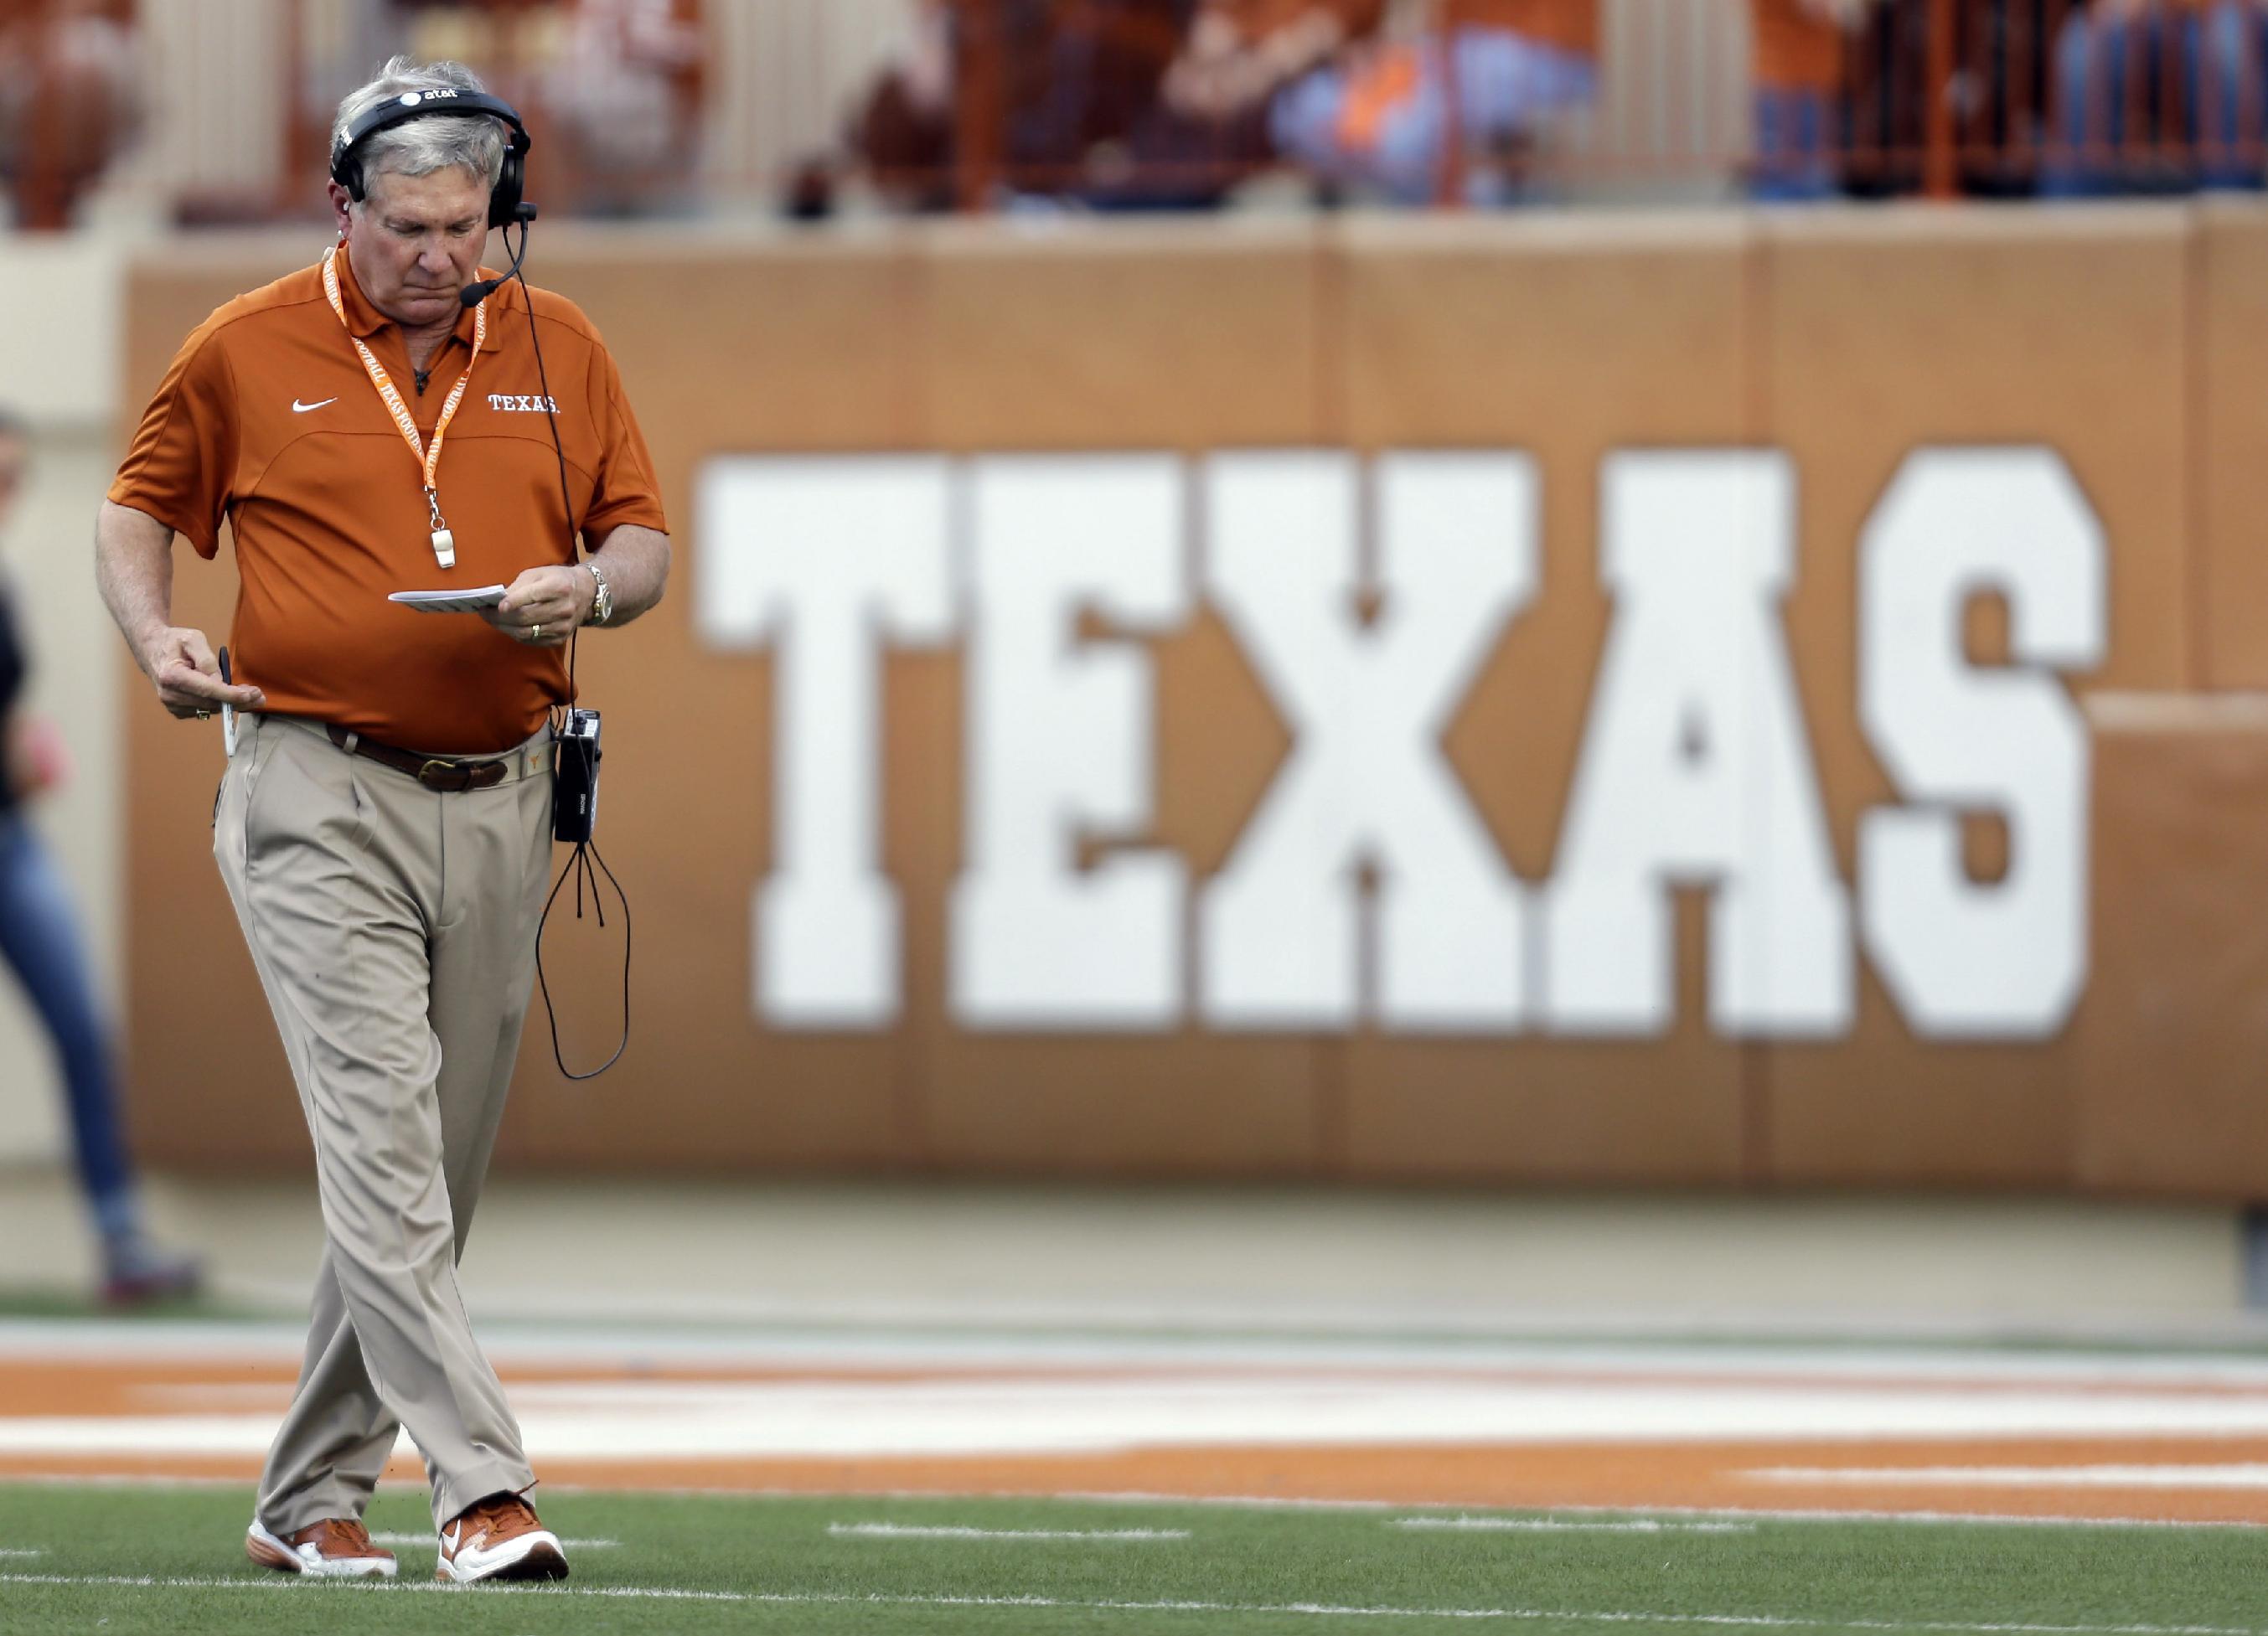 Texas coach Mack Brown steps down